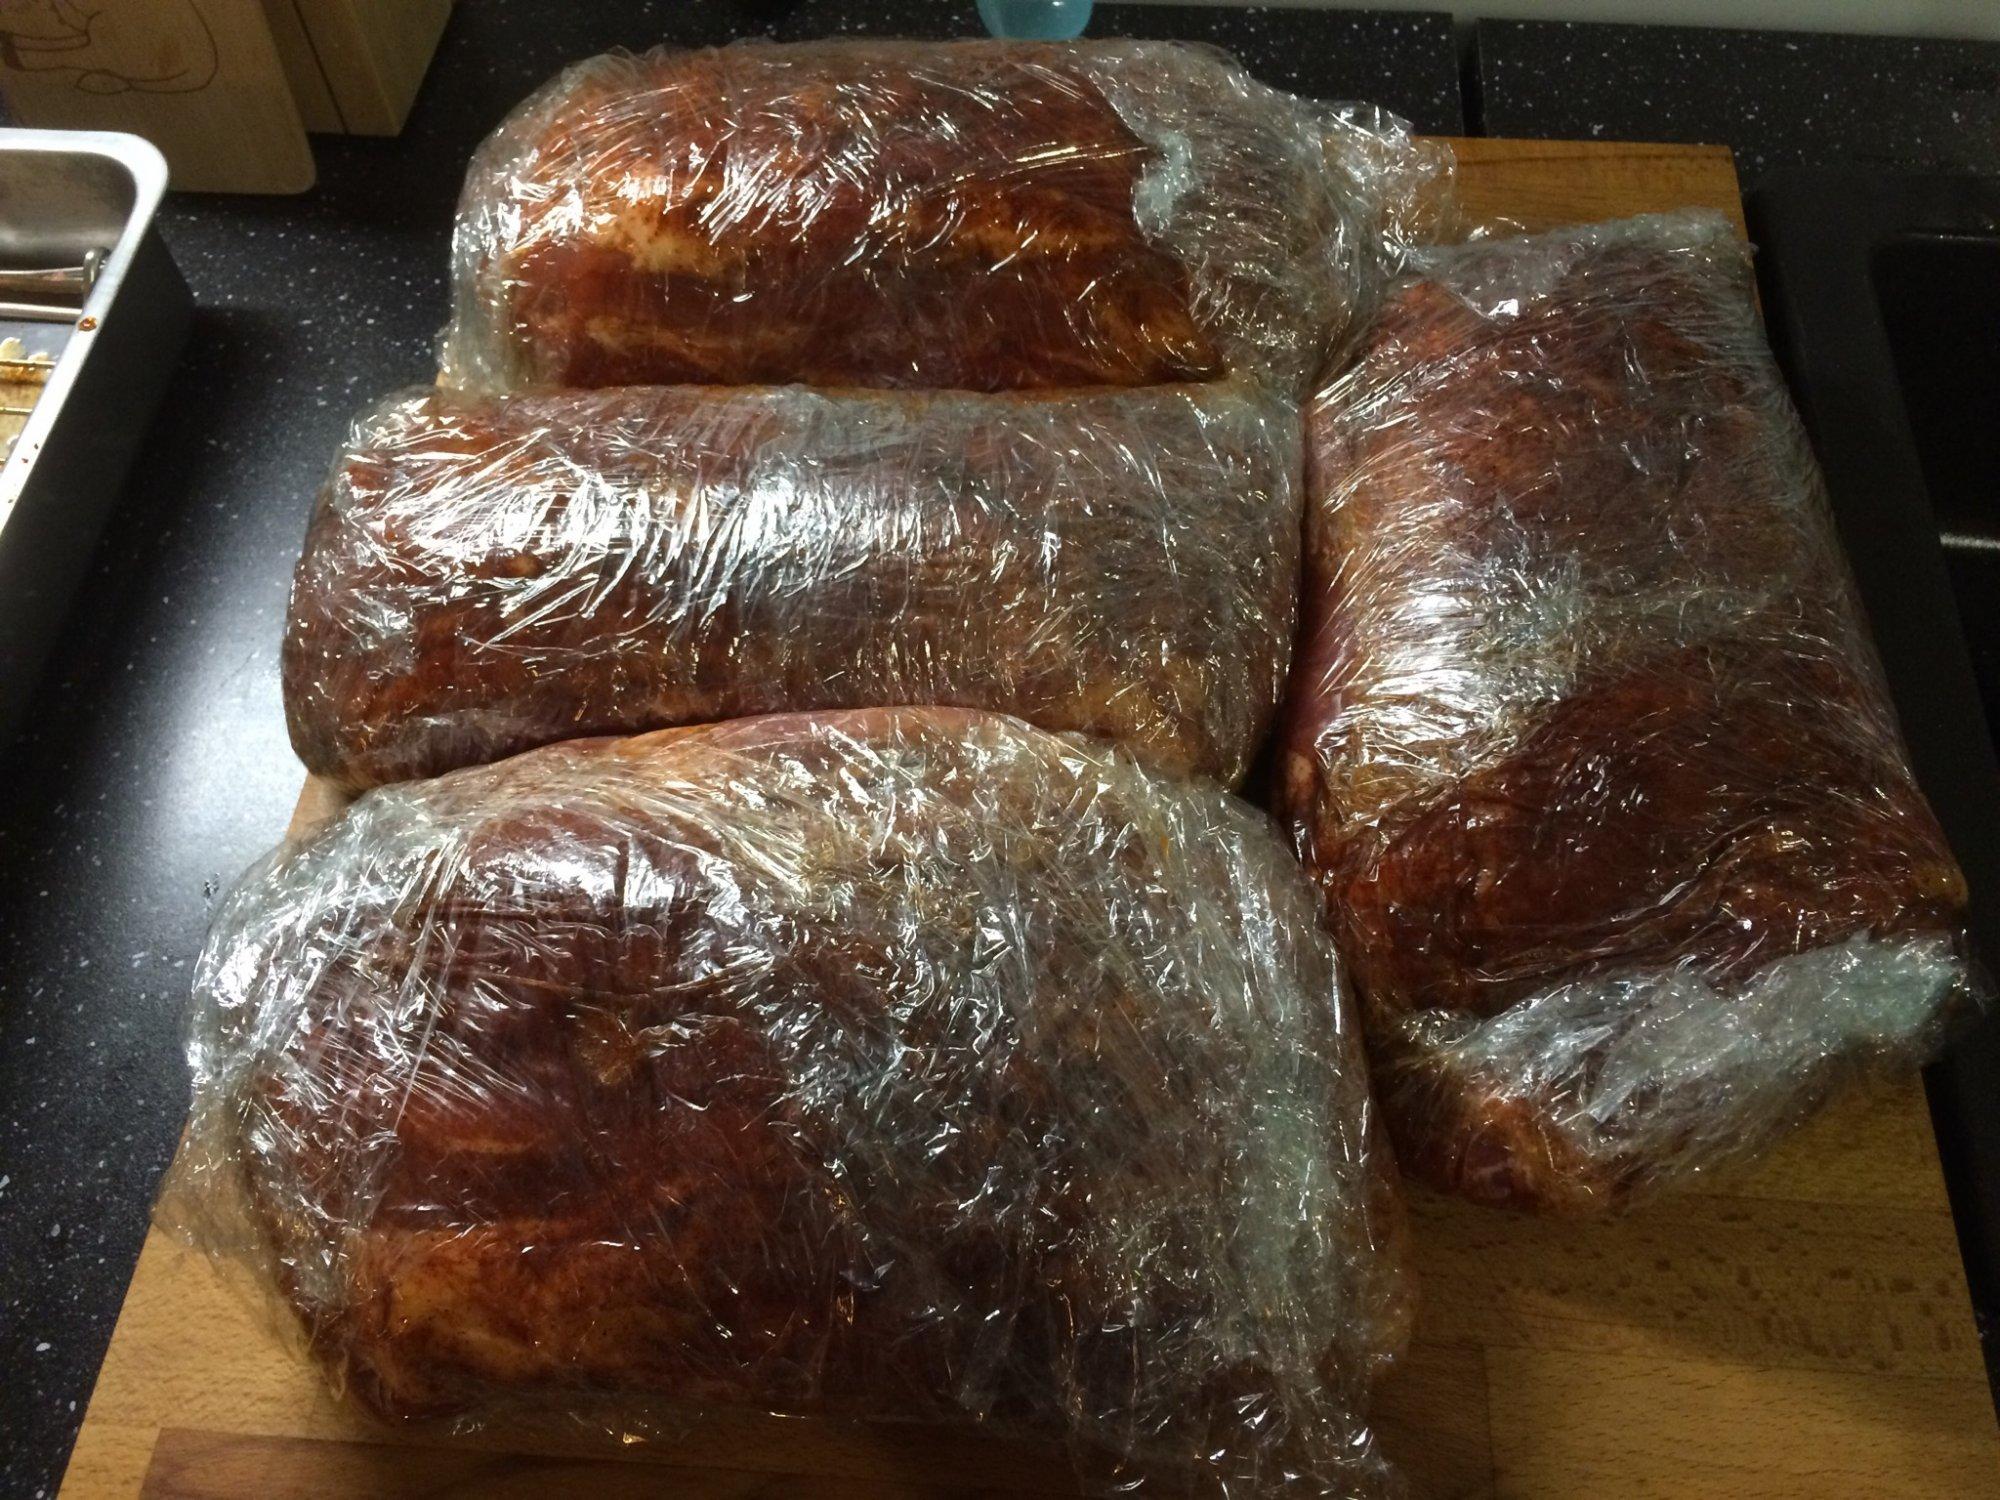 Pulled Pork Gasgrill Grillsportverein : Pulled pork im gasgrill ohne wasserschale grillforum und bbq